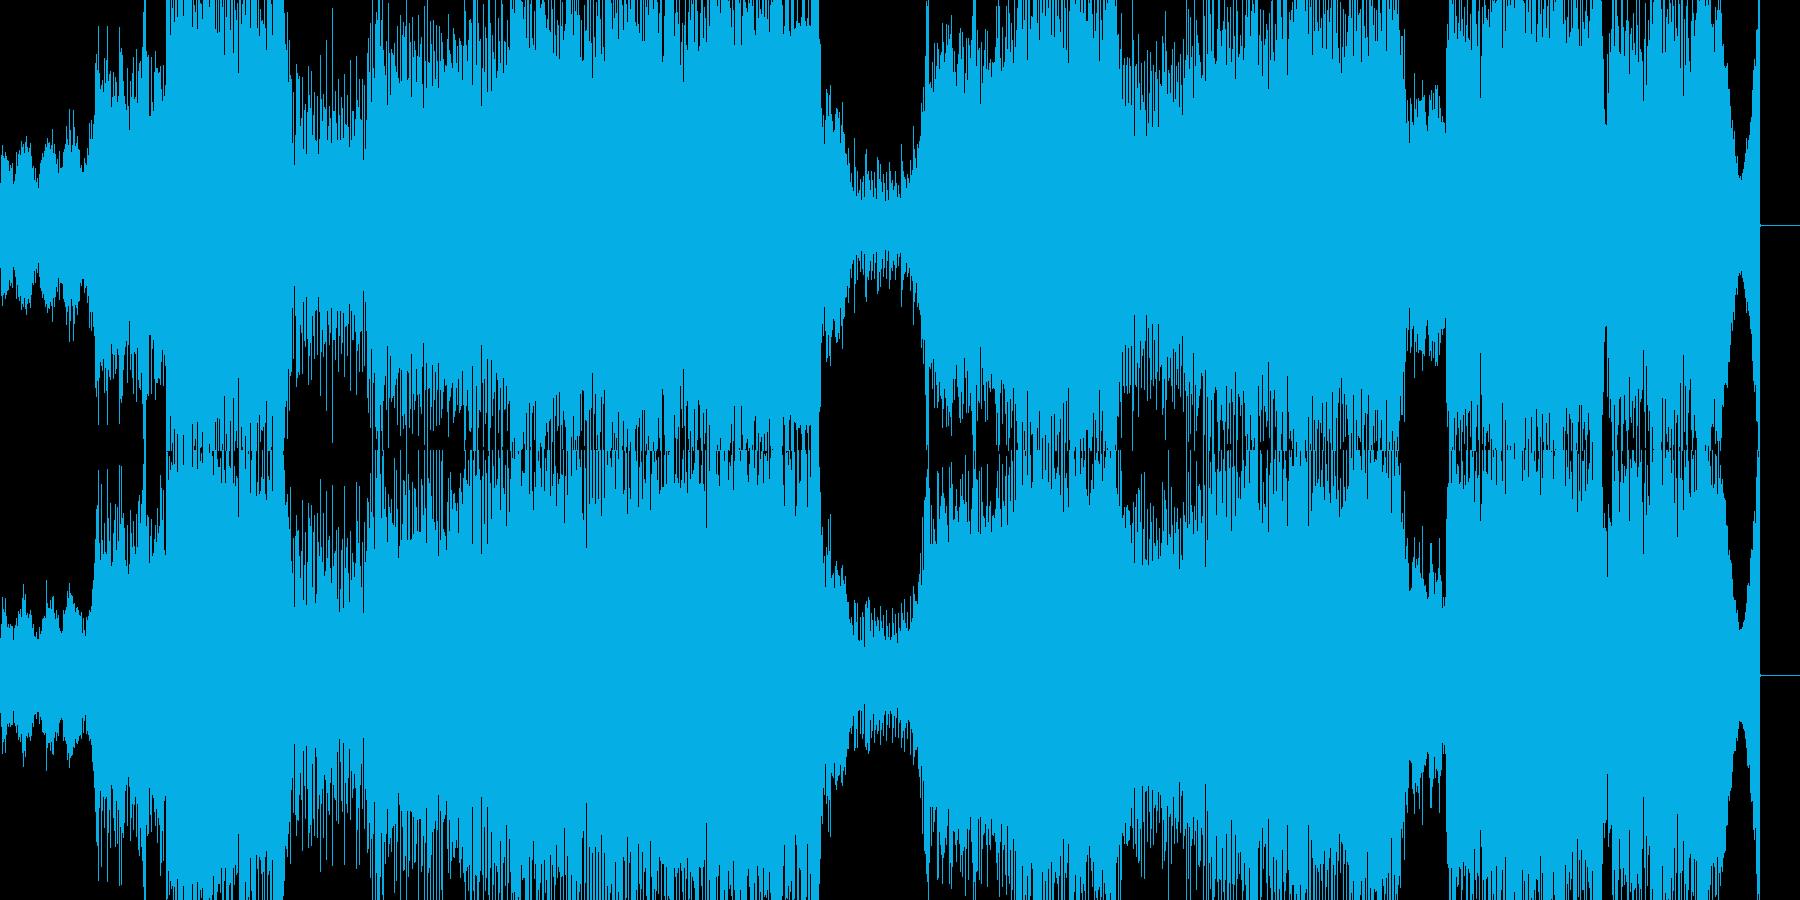 寒くて暖かい青空のクラシカルテクノの再生済みの波形